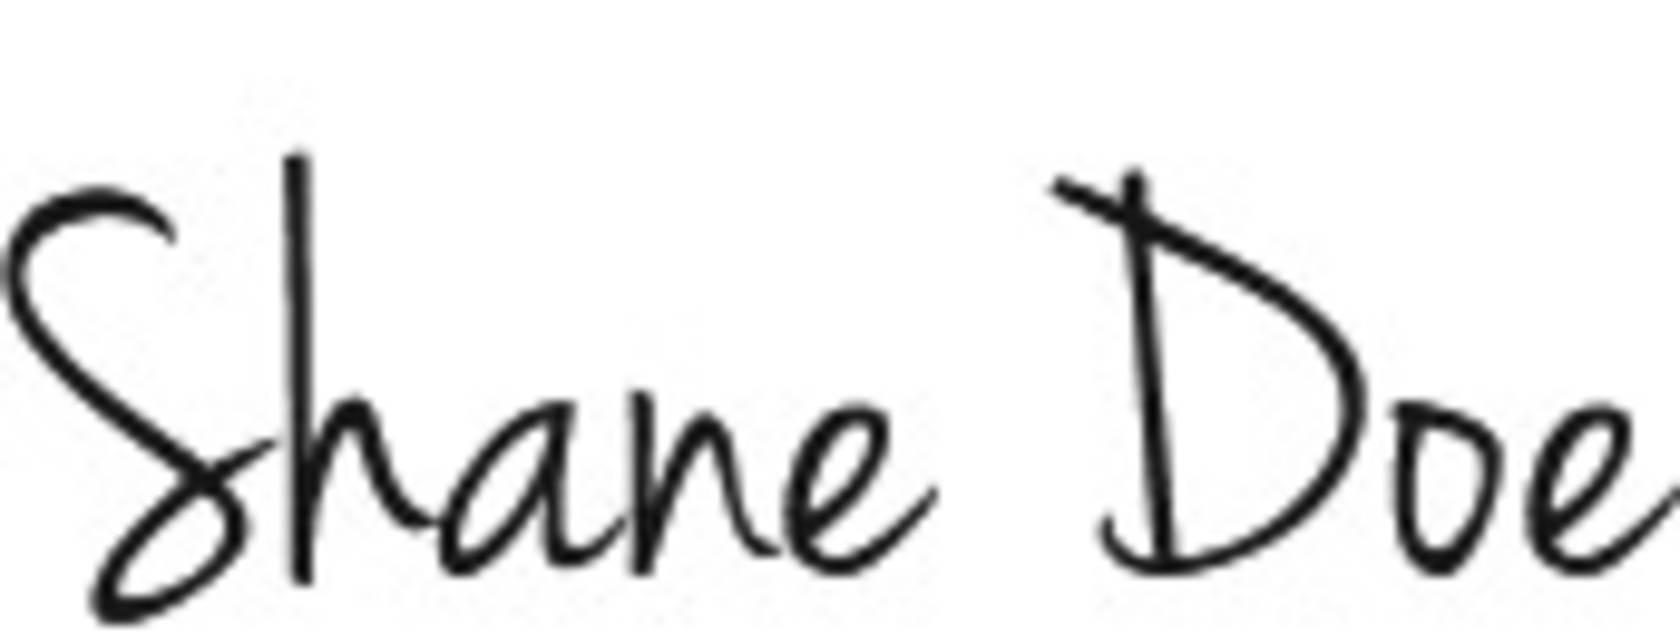 shane-doe-sign